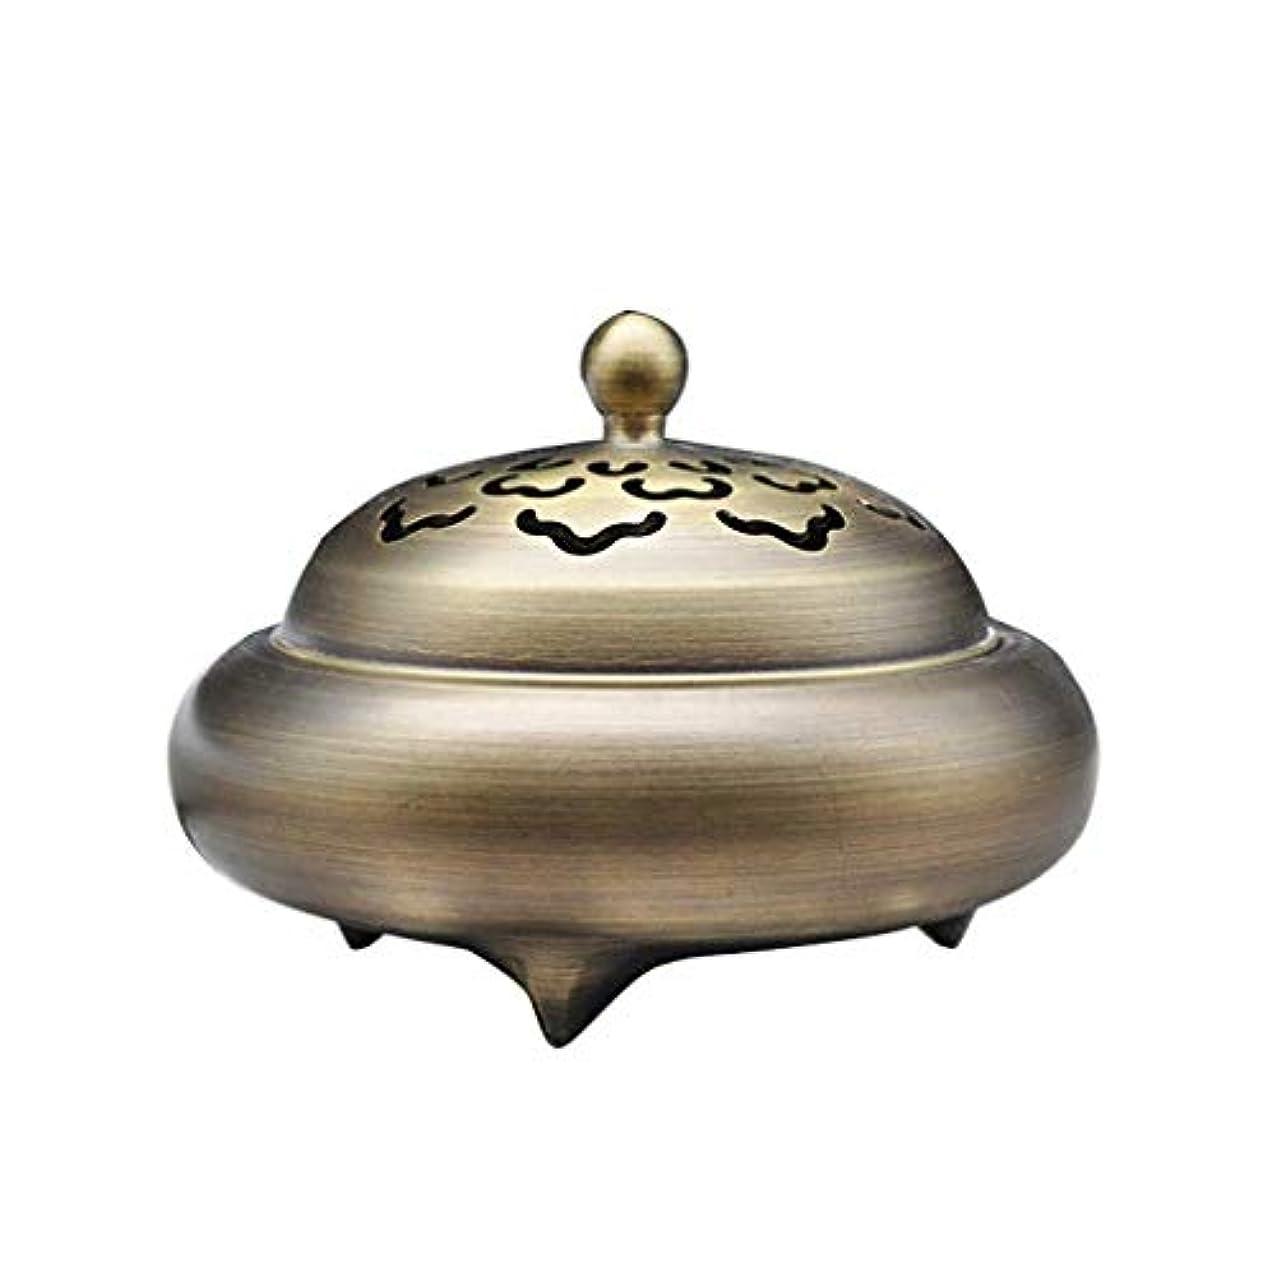 信頼できる吹きさらし確認するホームアロマバーナー レトロバーナー純銅香バーナーホーム屋内白檀炉香バーナー香道路装飾 芳香器アロマバーナー (Color : Brass)